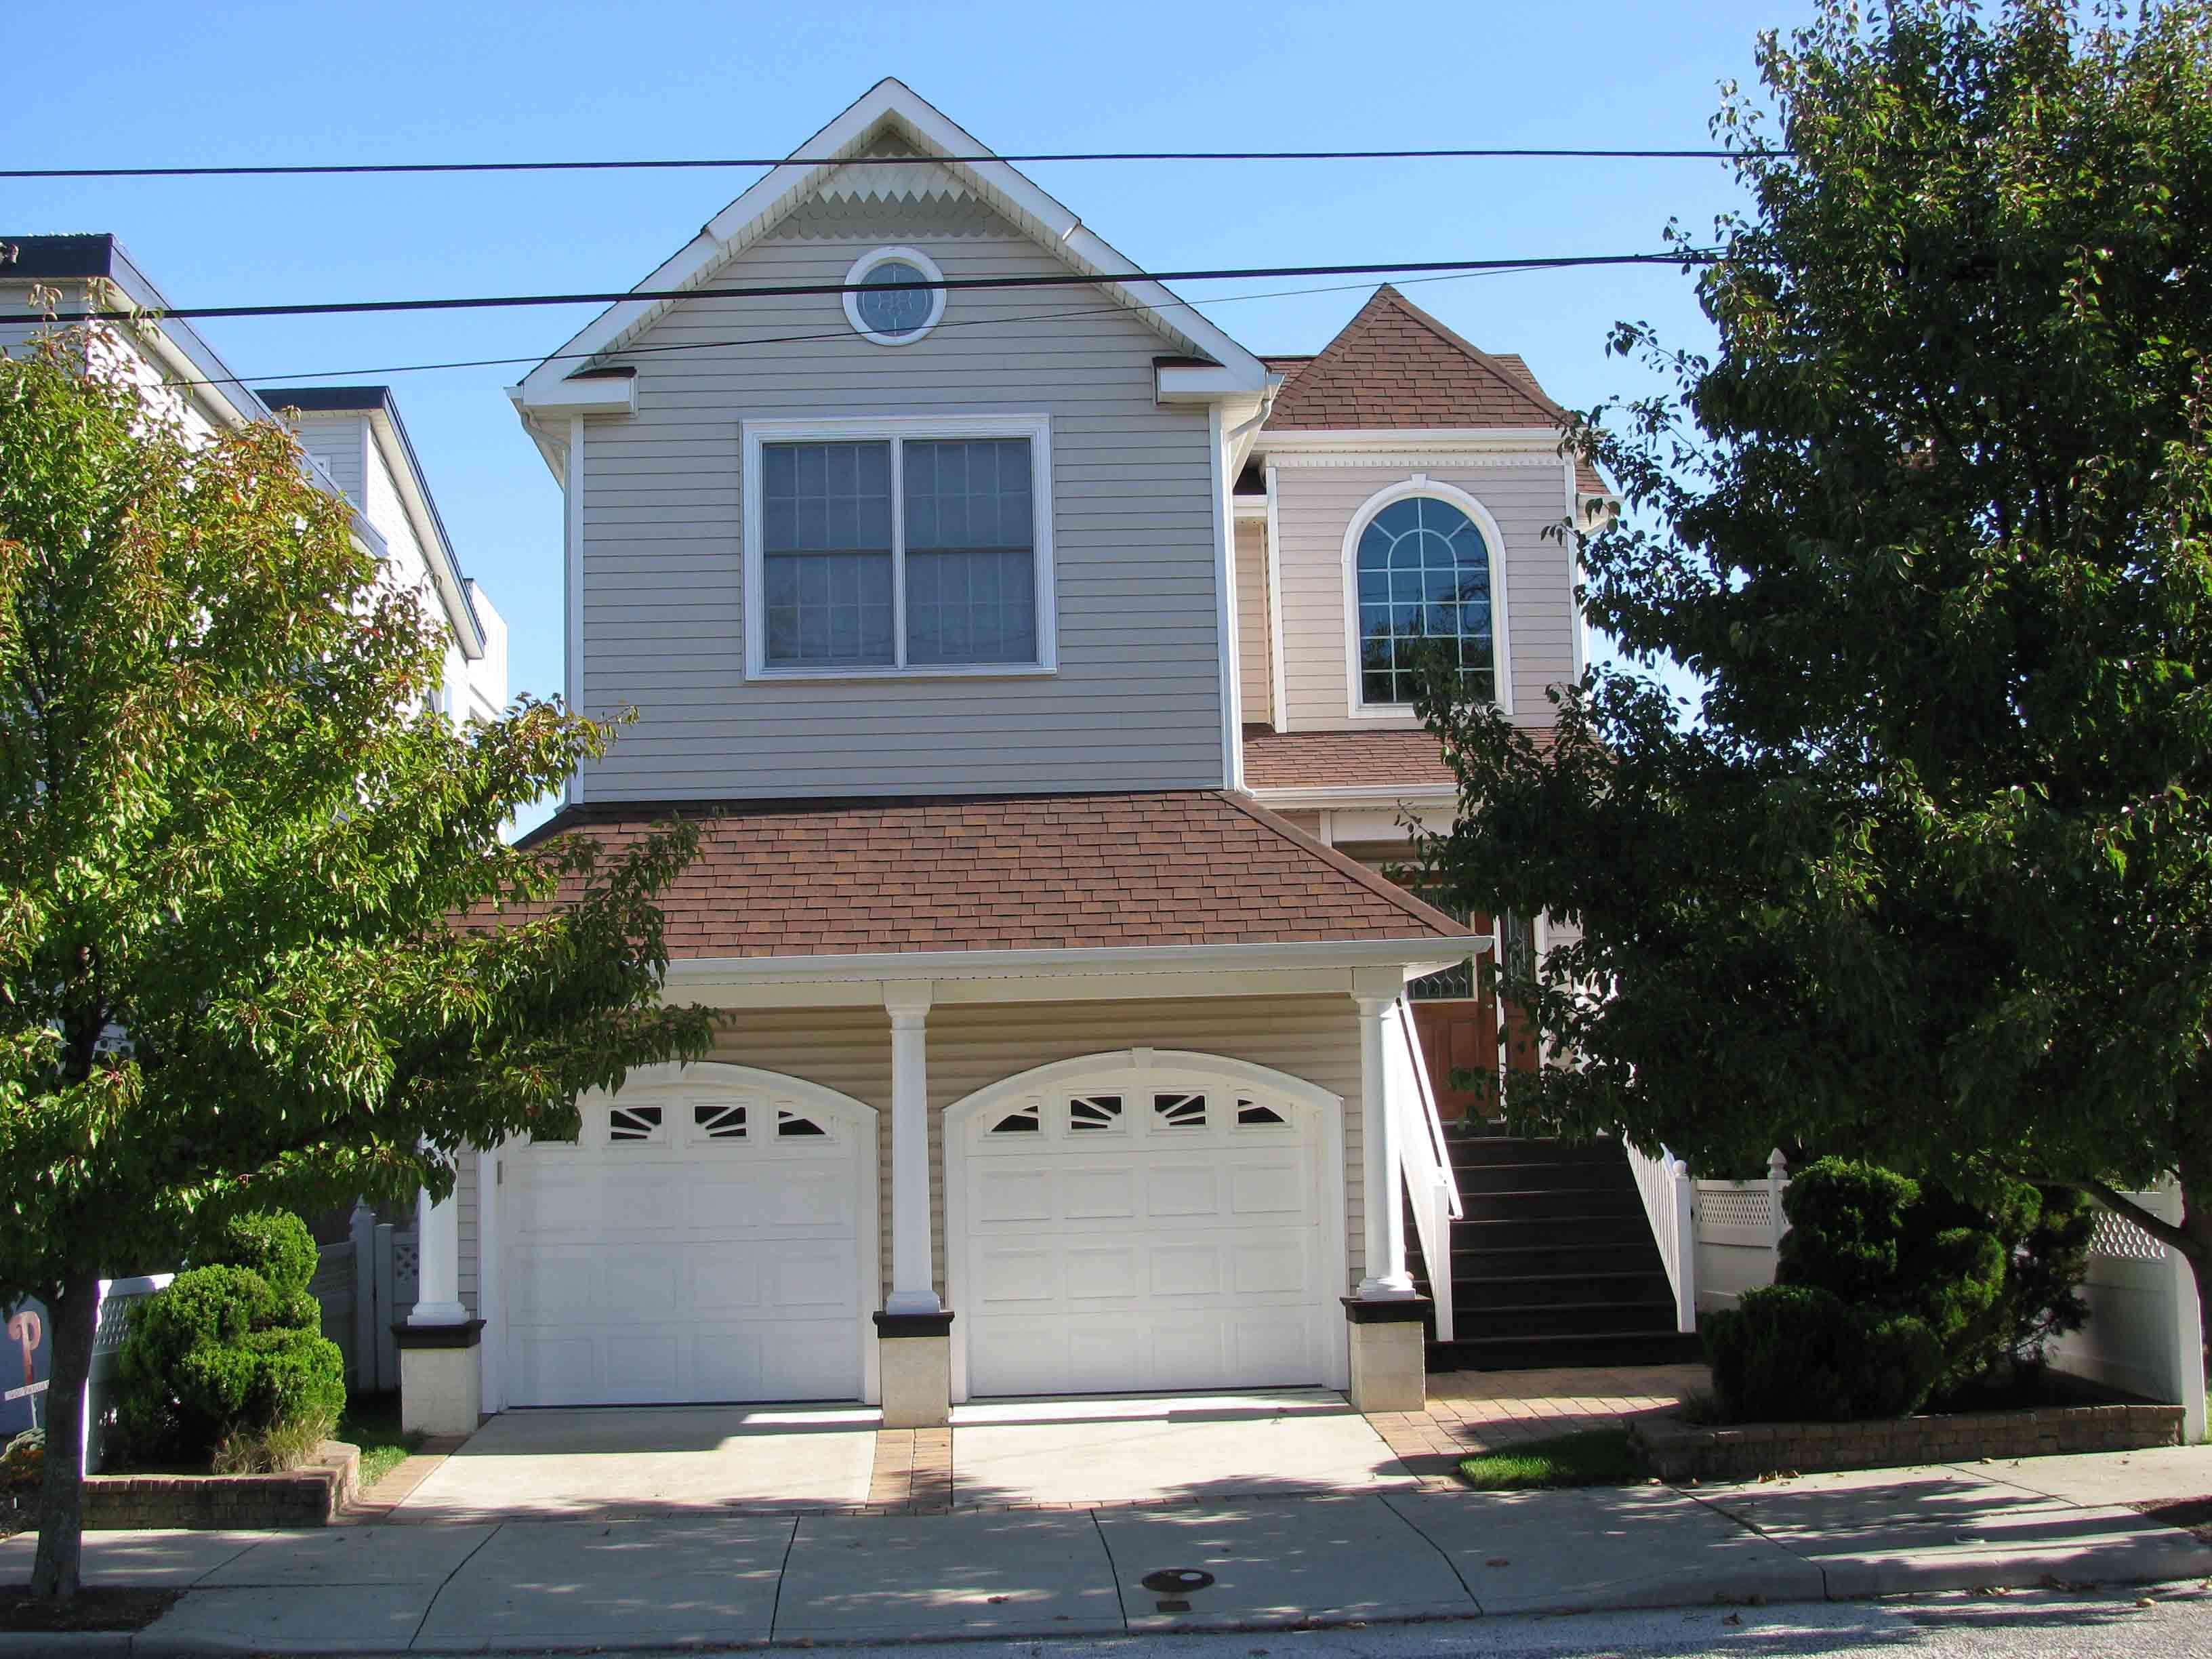 Coastal Homes Single Family8